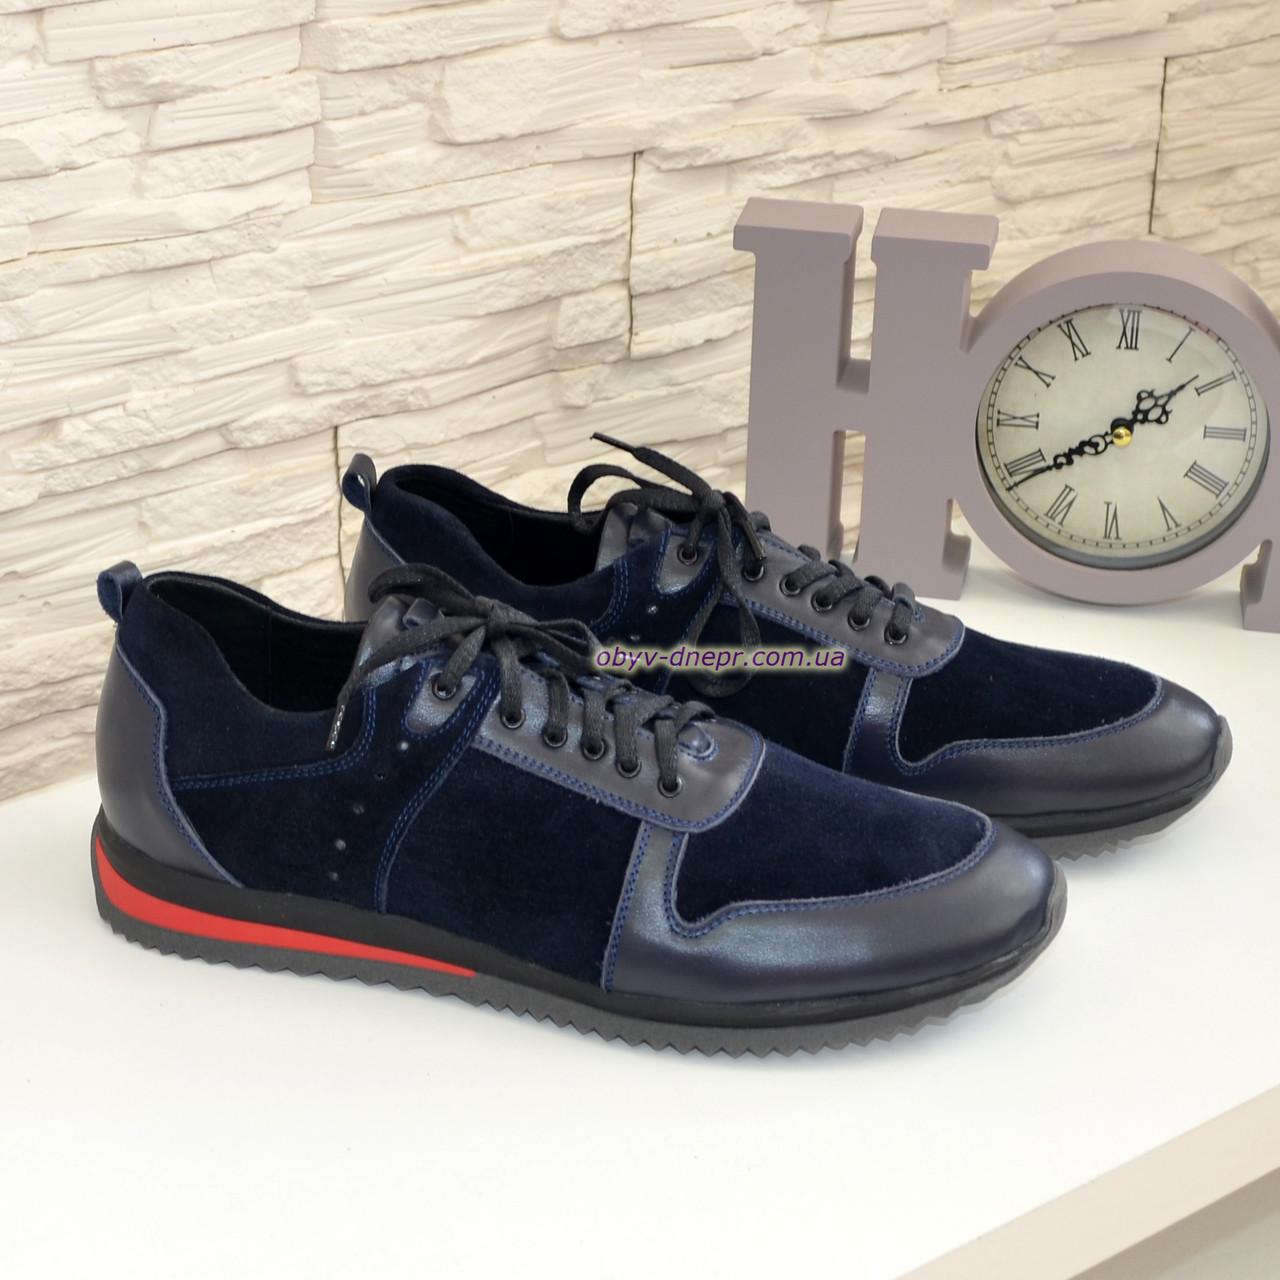 Кросівки чоловічі з натуральної шкіри та замші синього кольору, на шнурівці